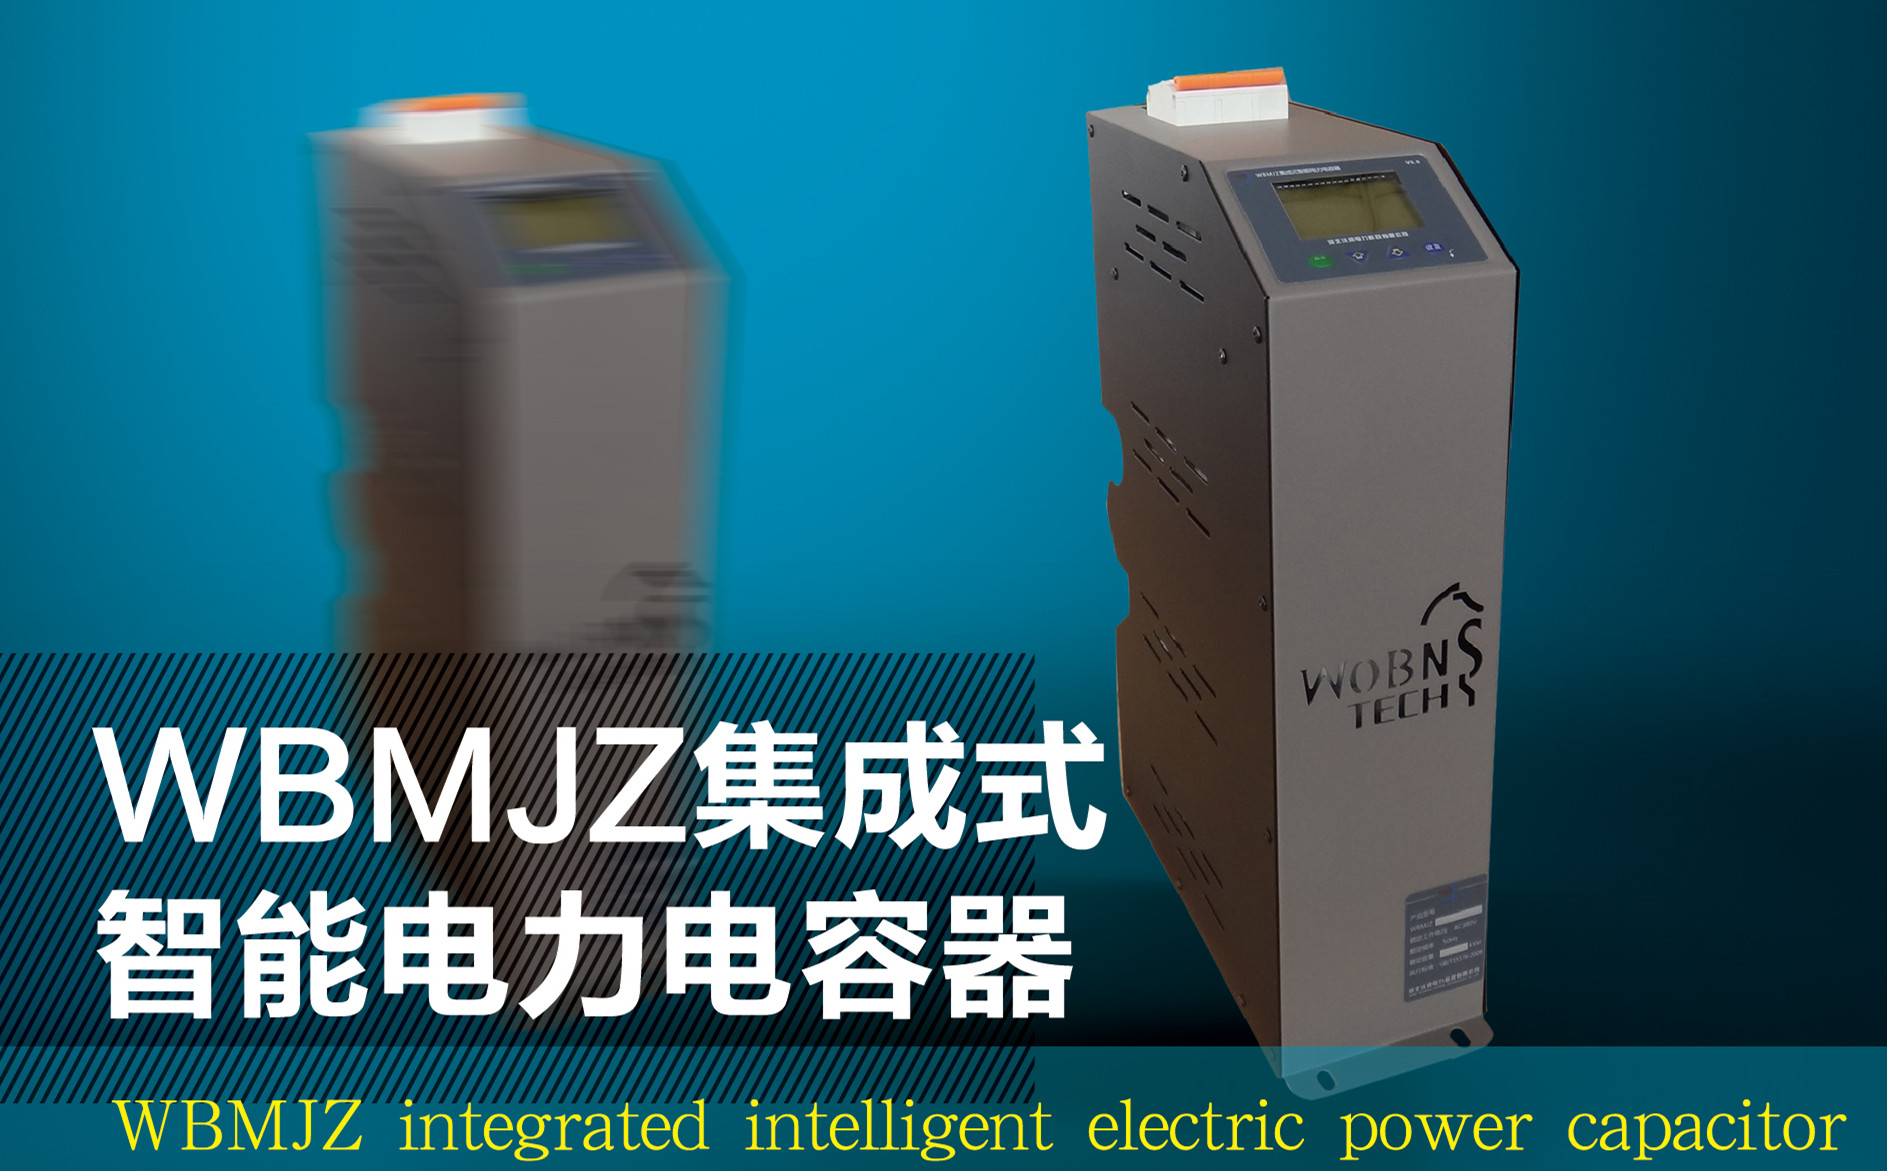 WBMJZ集成式智能电力电容器